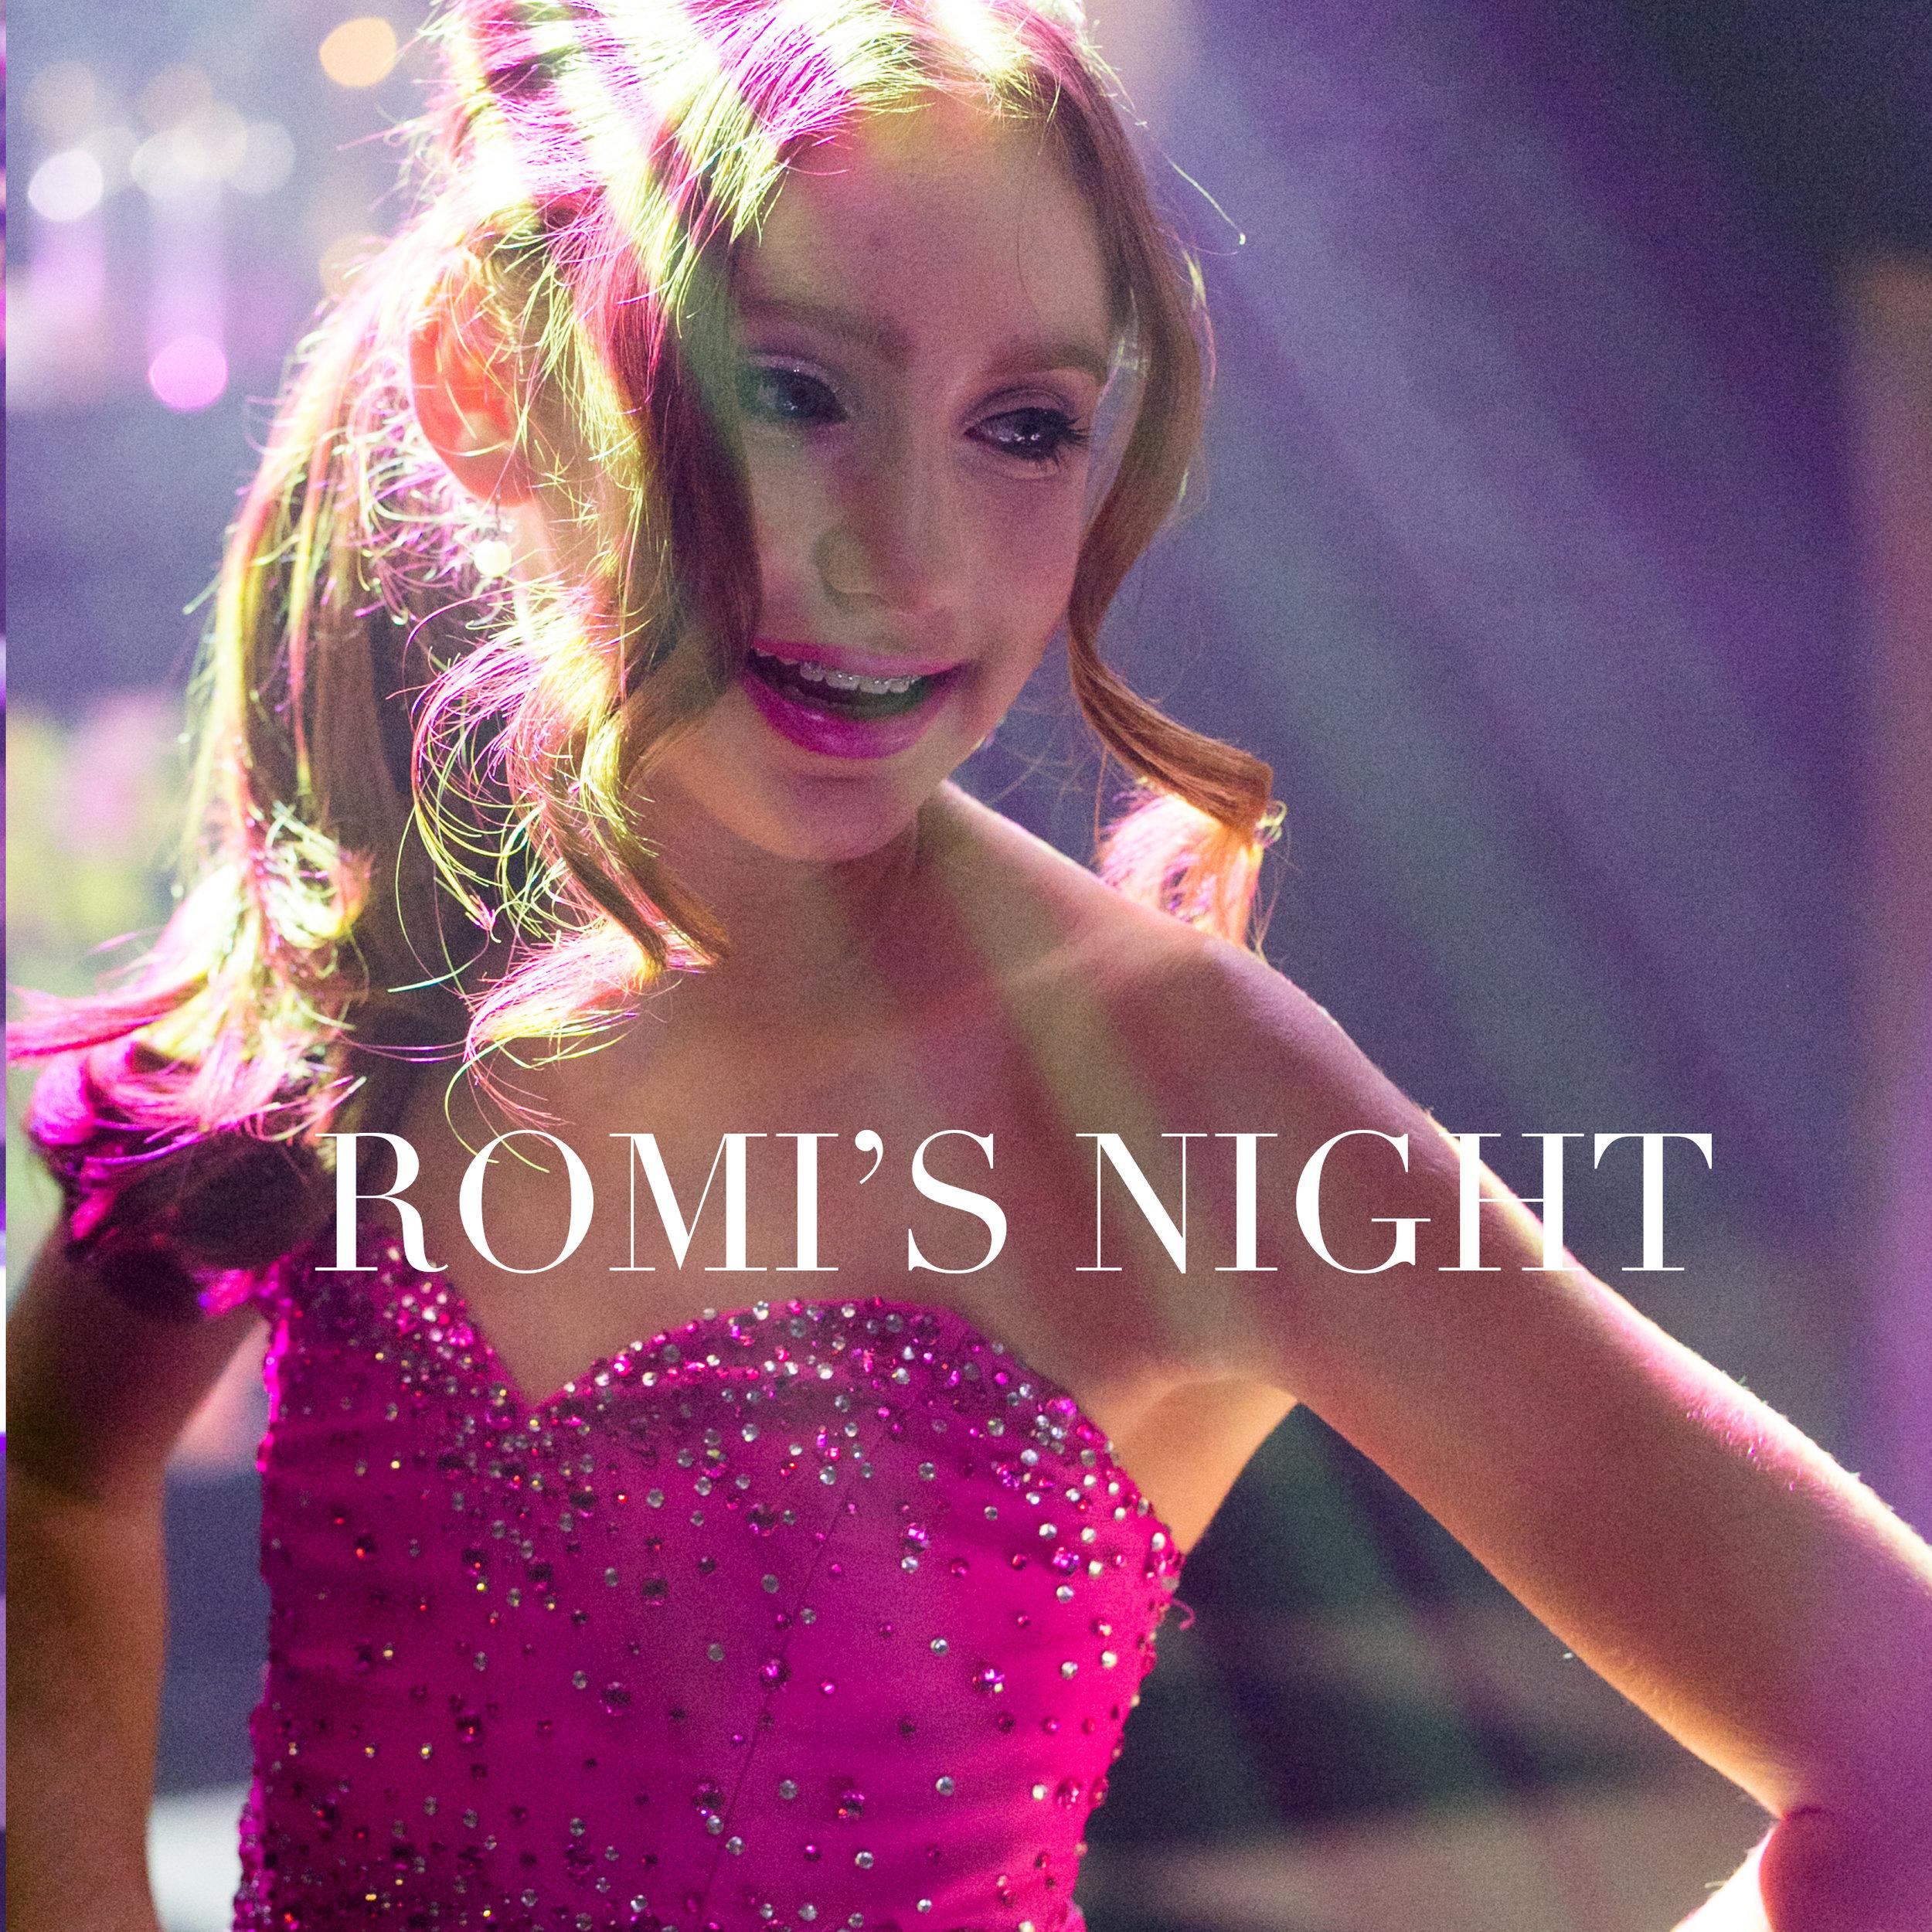 Romi's night.jpg